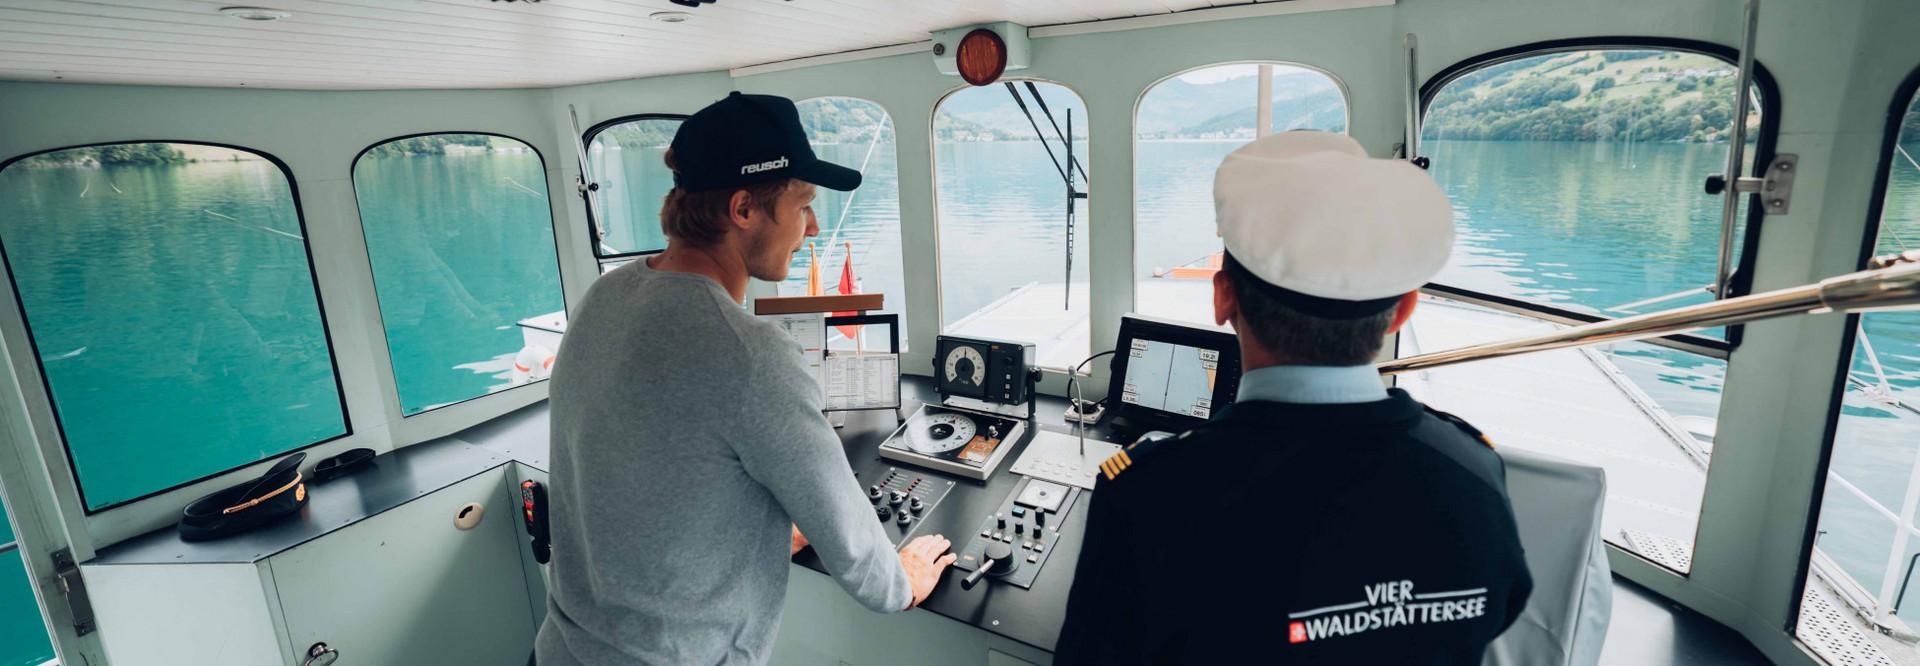 Marco Odermatt steht links neben dem Kapitän im Steuerhaus, schaut auf die Karte und stützt sich ab.